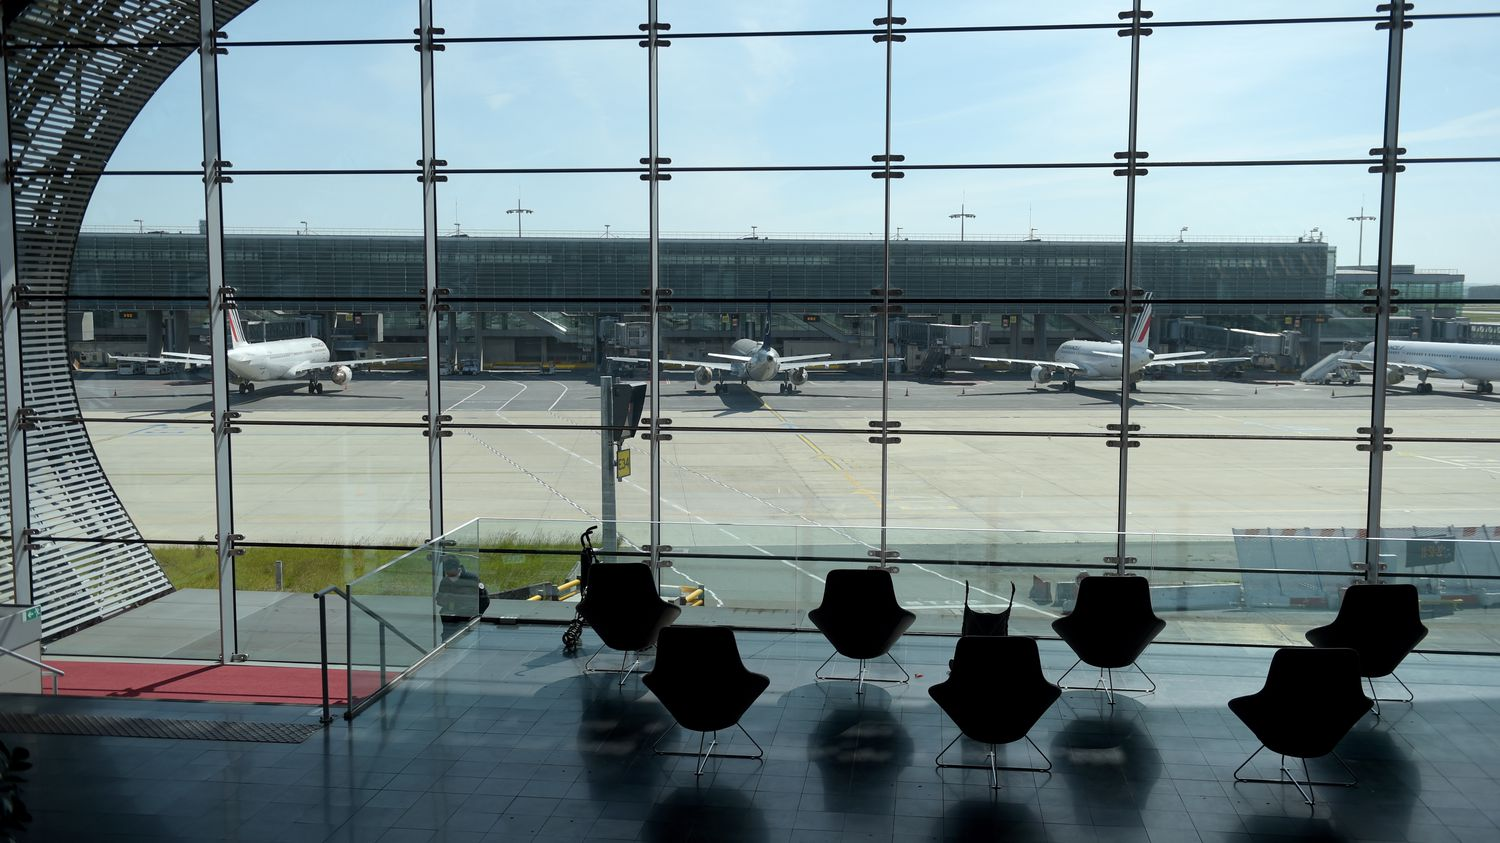 Covid-19 : le trafic mondial des passagers de compagnies aériennes a chuté de 66% en 2020 - franceinfo